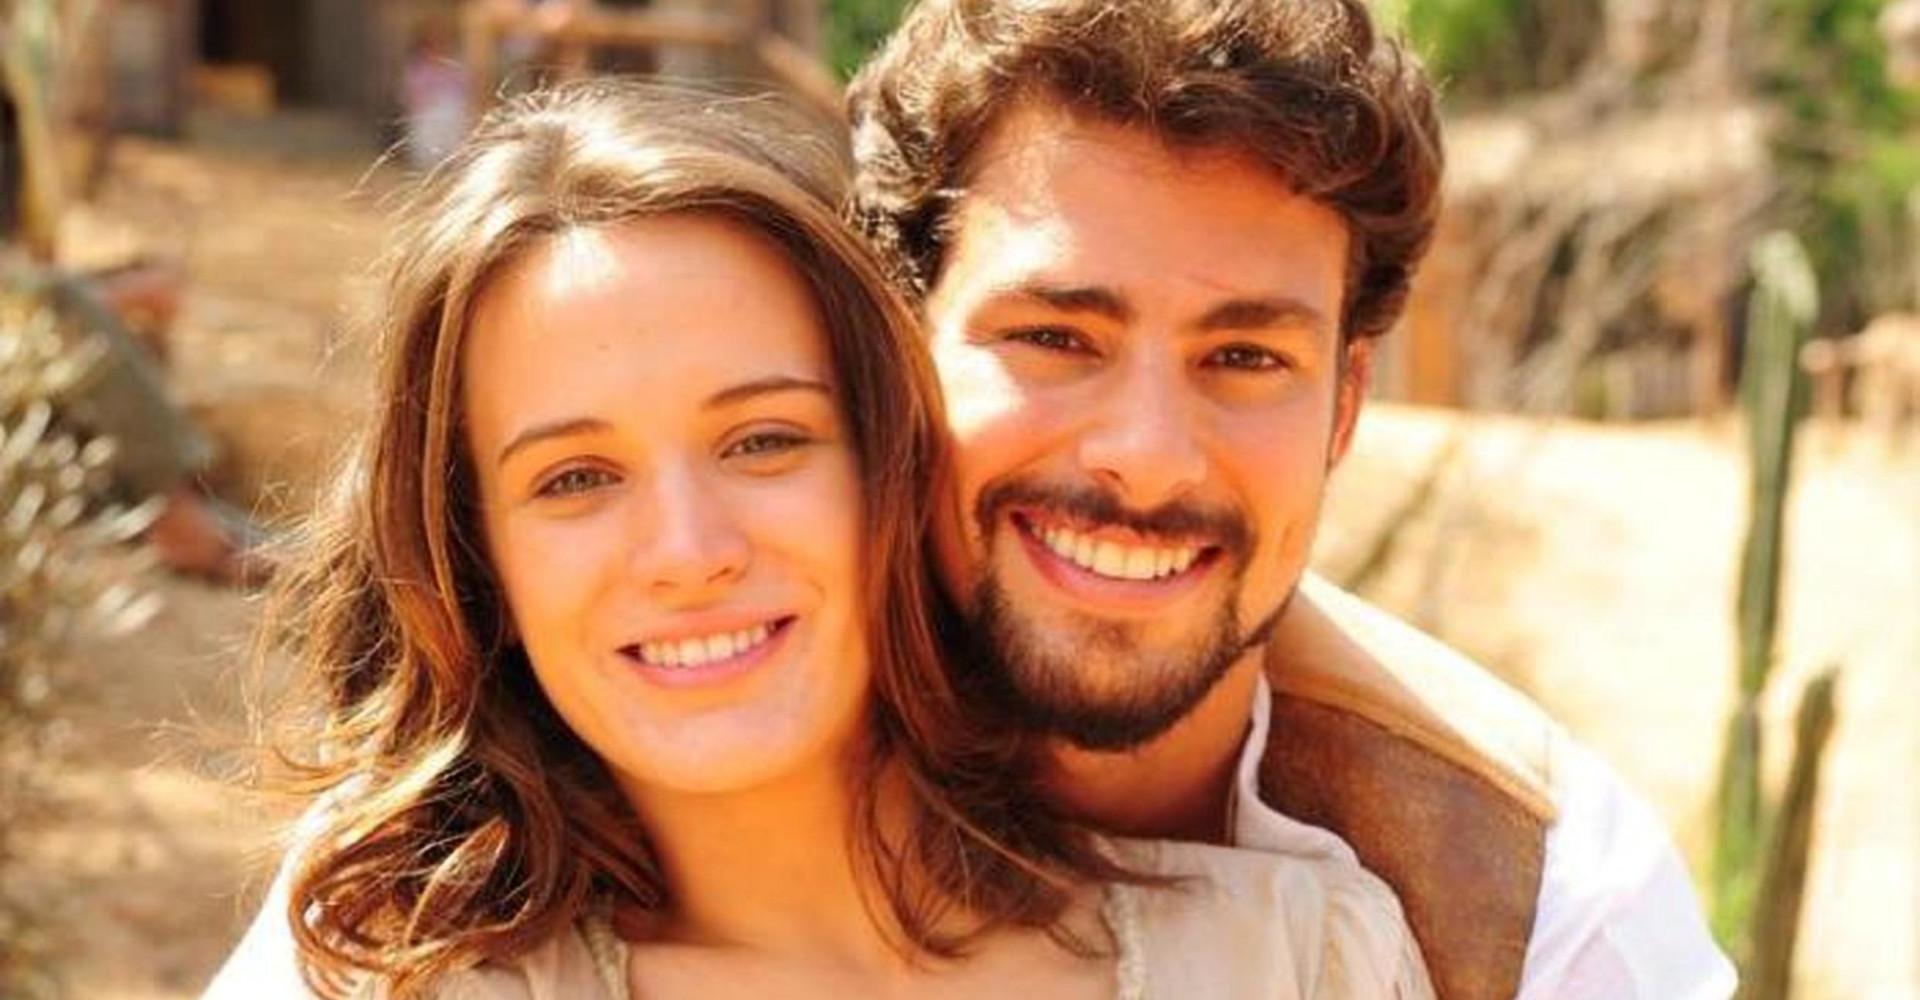 Globo escala 'Cordel Encantado' para barrar concorrentes na faixa da tarde